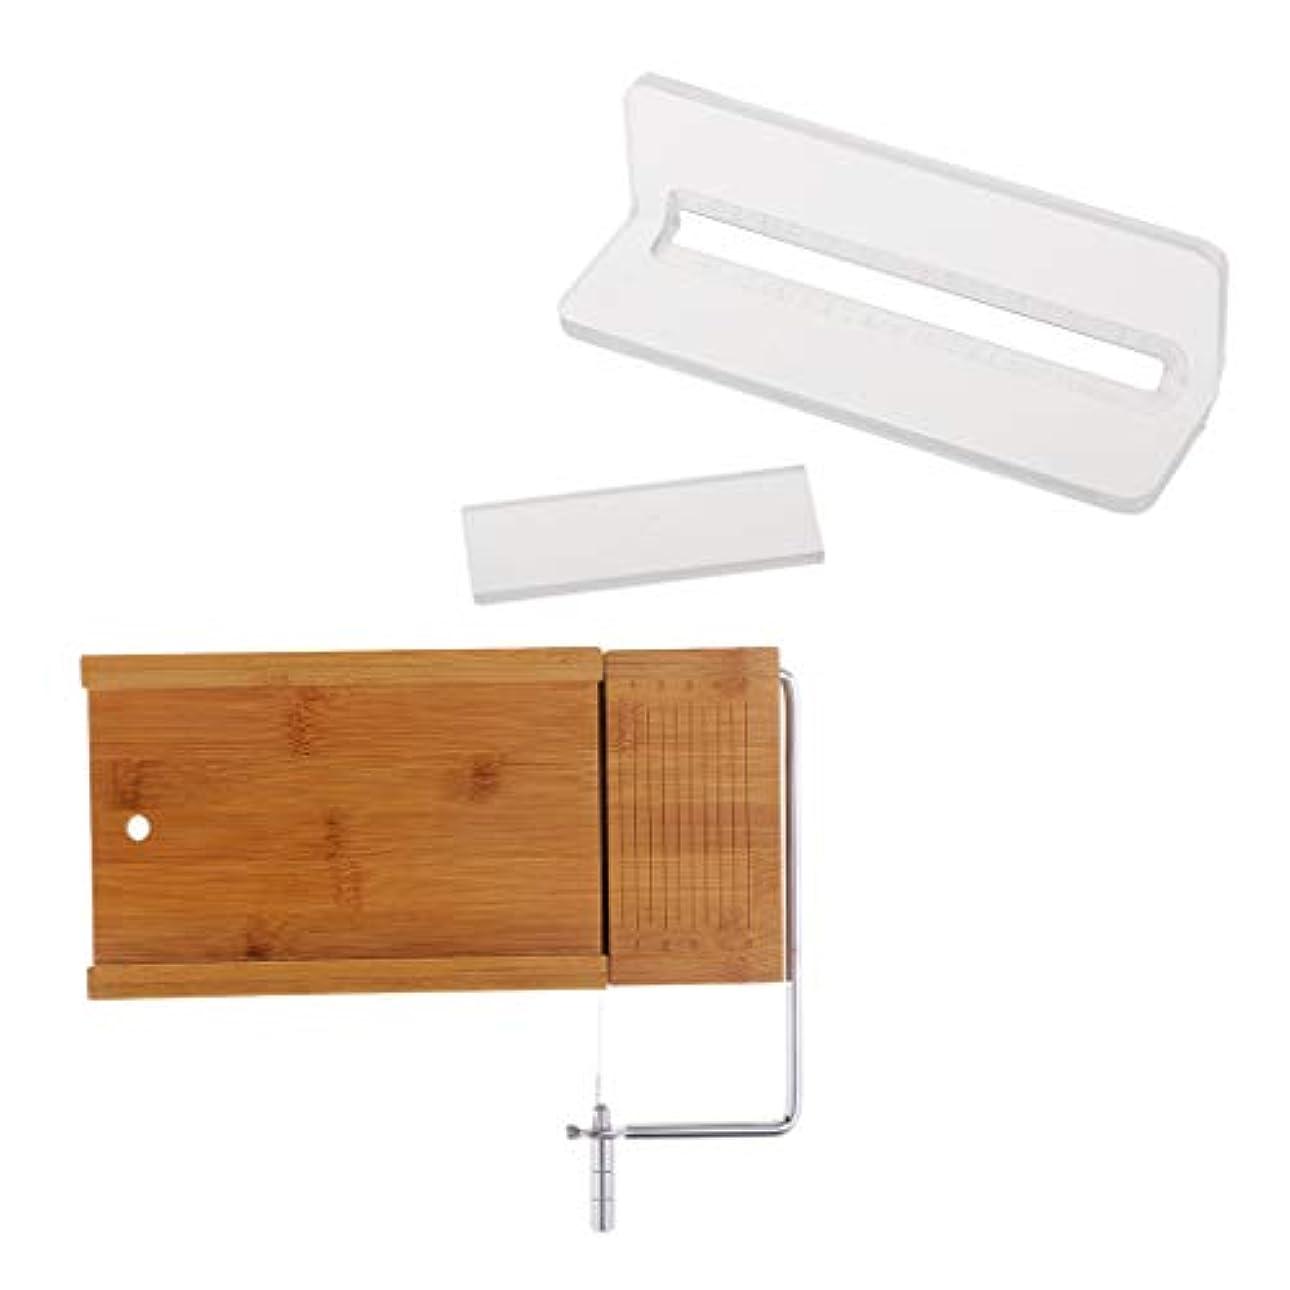 できた反発する観察するチーズカッター 木製 ローフカッター ソープカッター ソープ包丁 3次元カット 2個入り